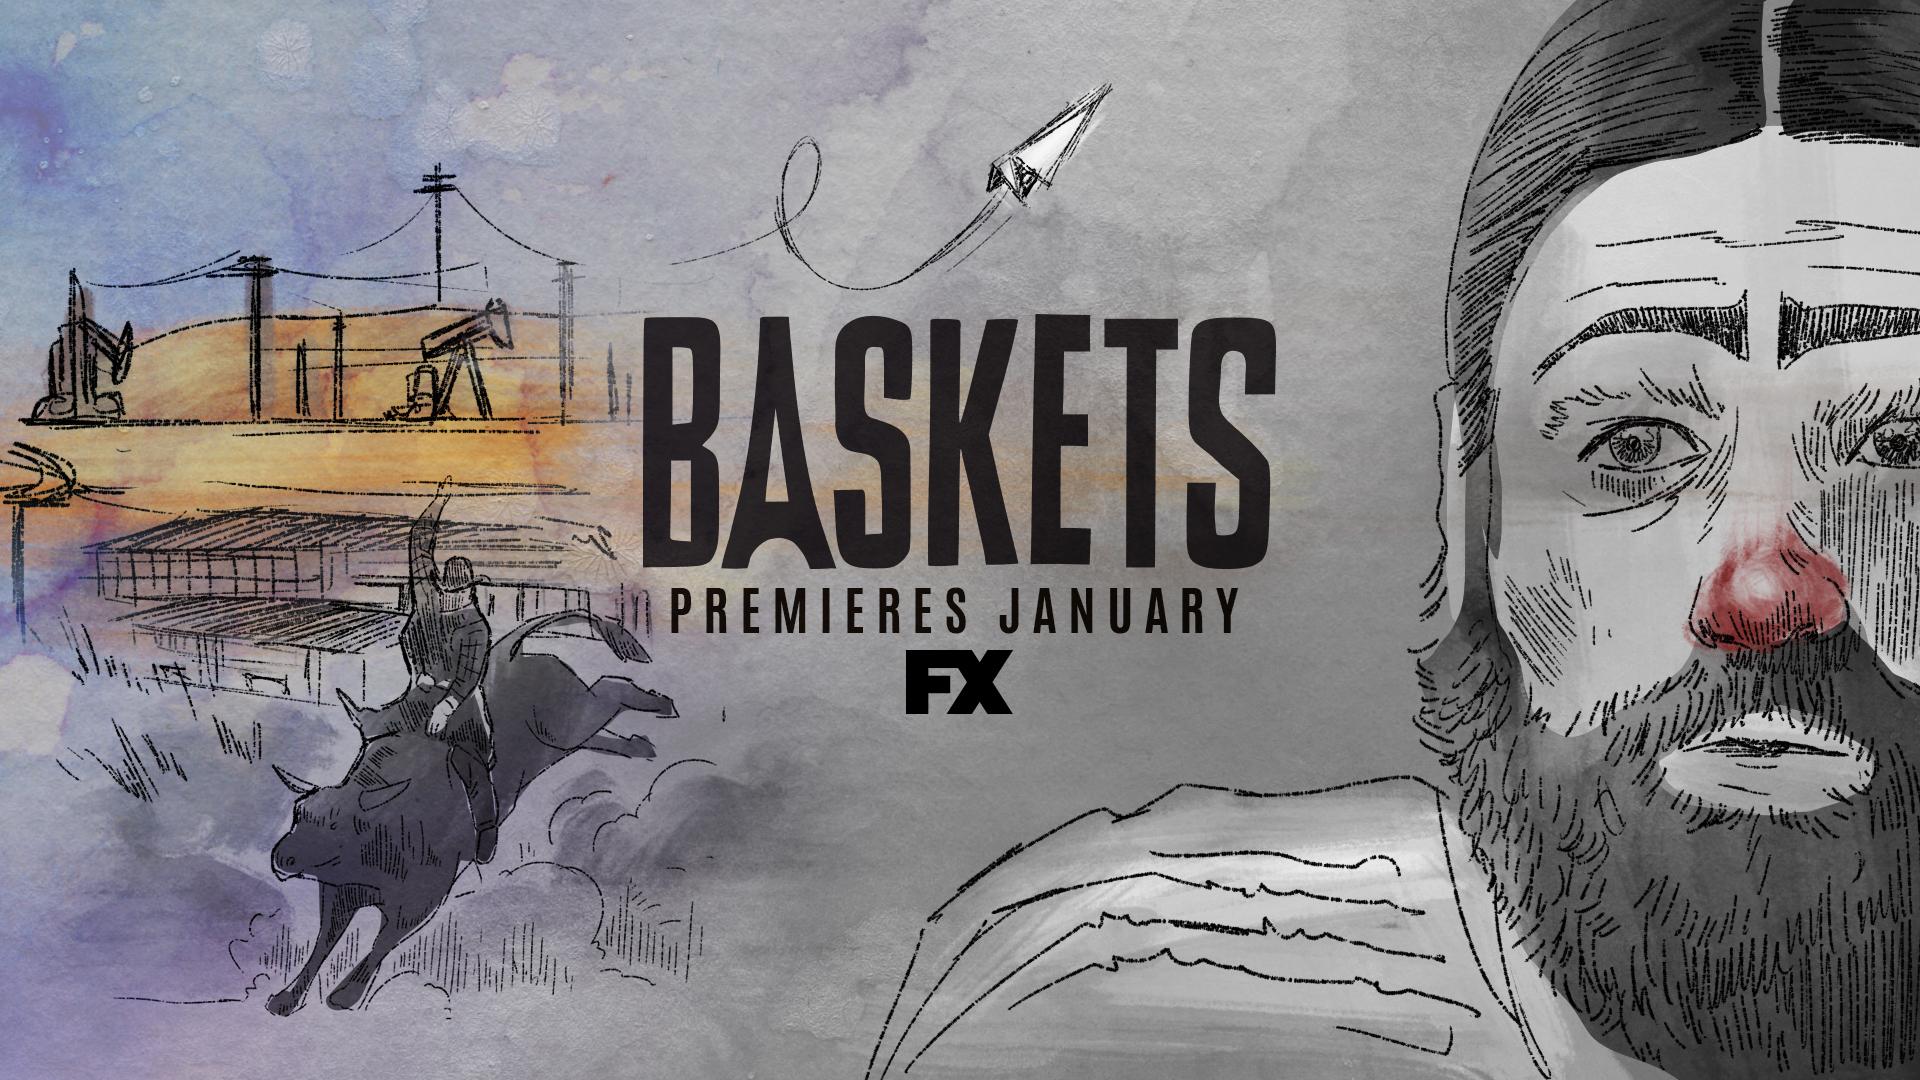 FX_Baskets_02_02.jpg